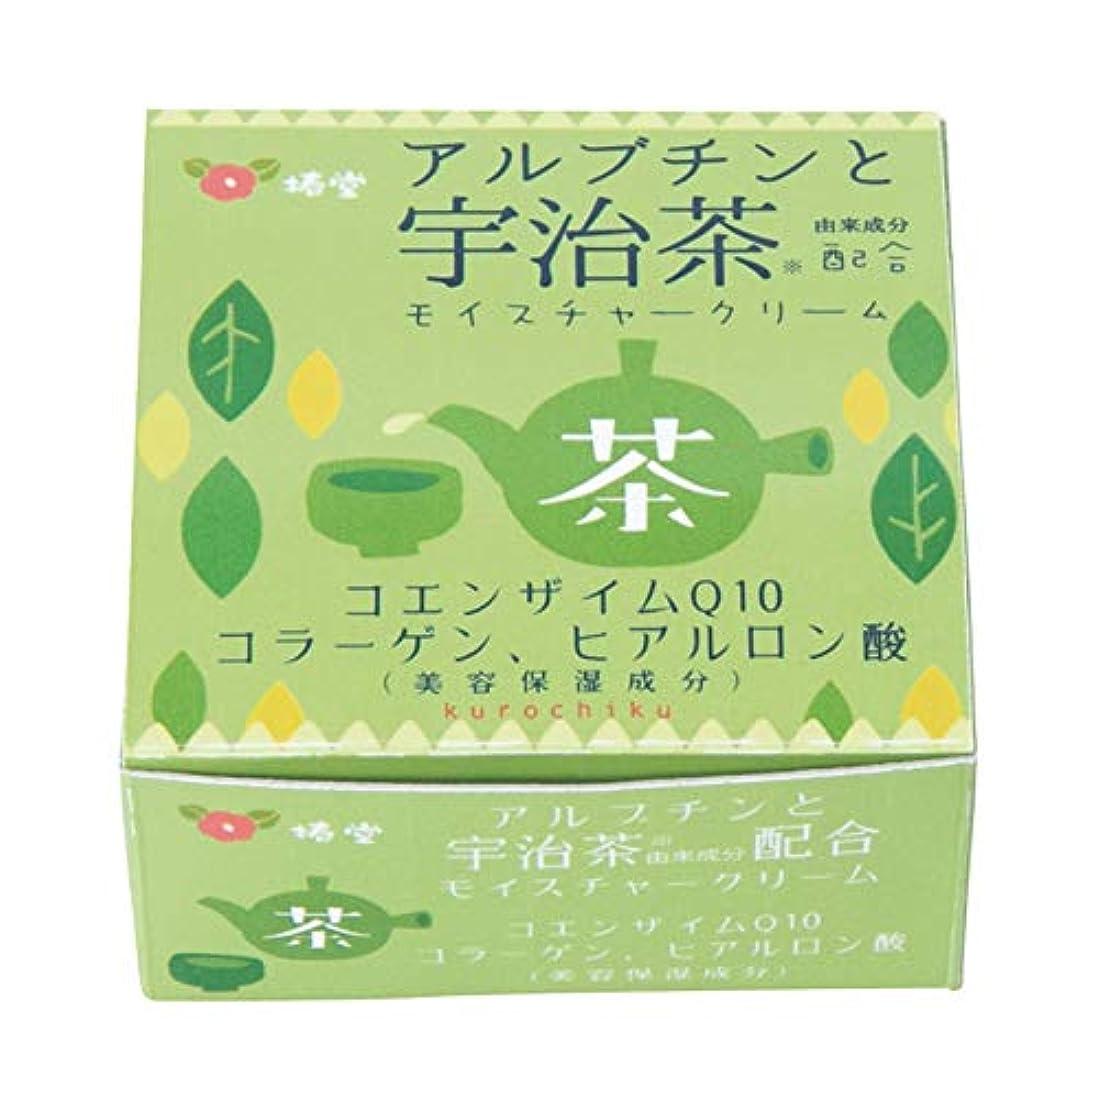 ダイバー倒産エール椿堂 宇治茶モイスチャークリーム (アルブチンと宇治茶) 京都くろちく